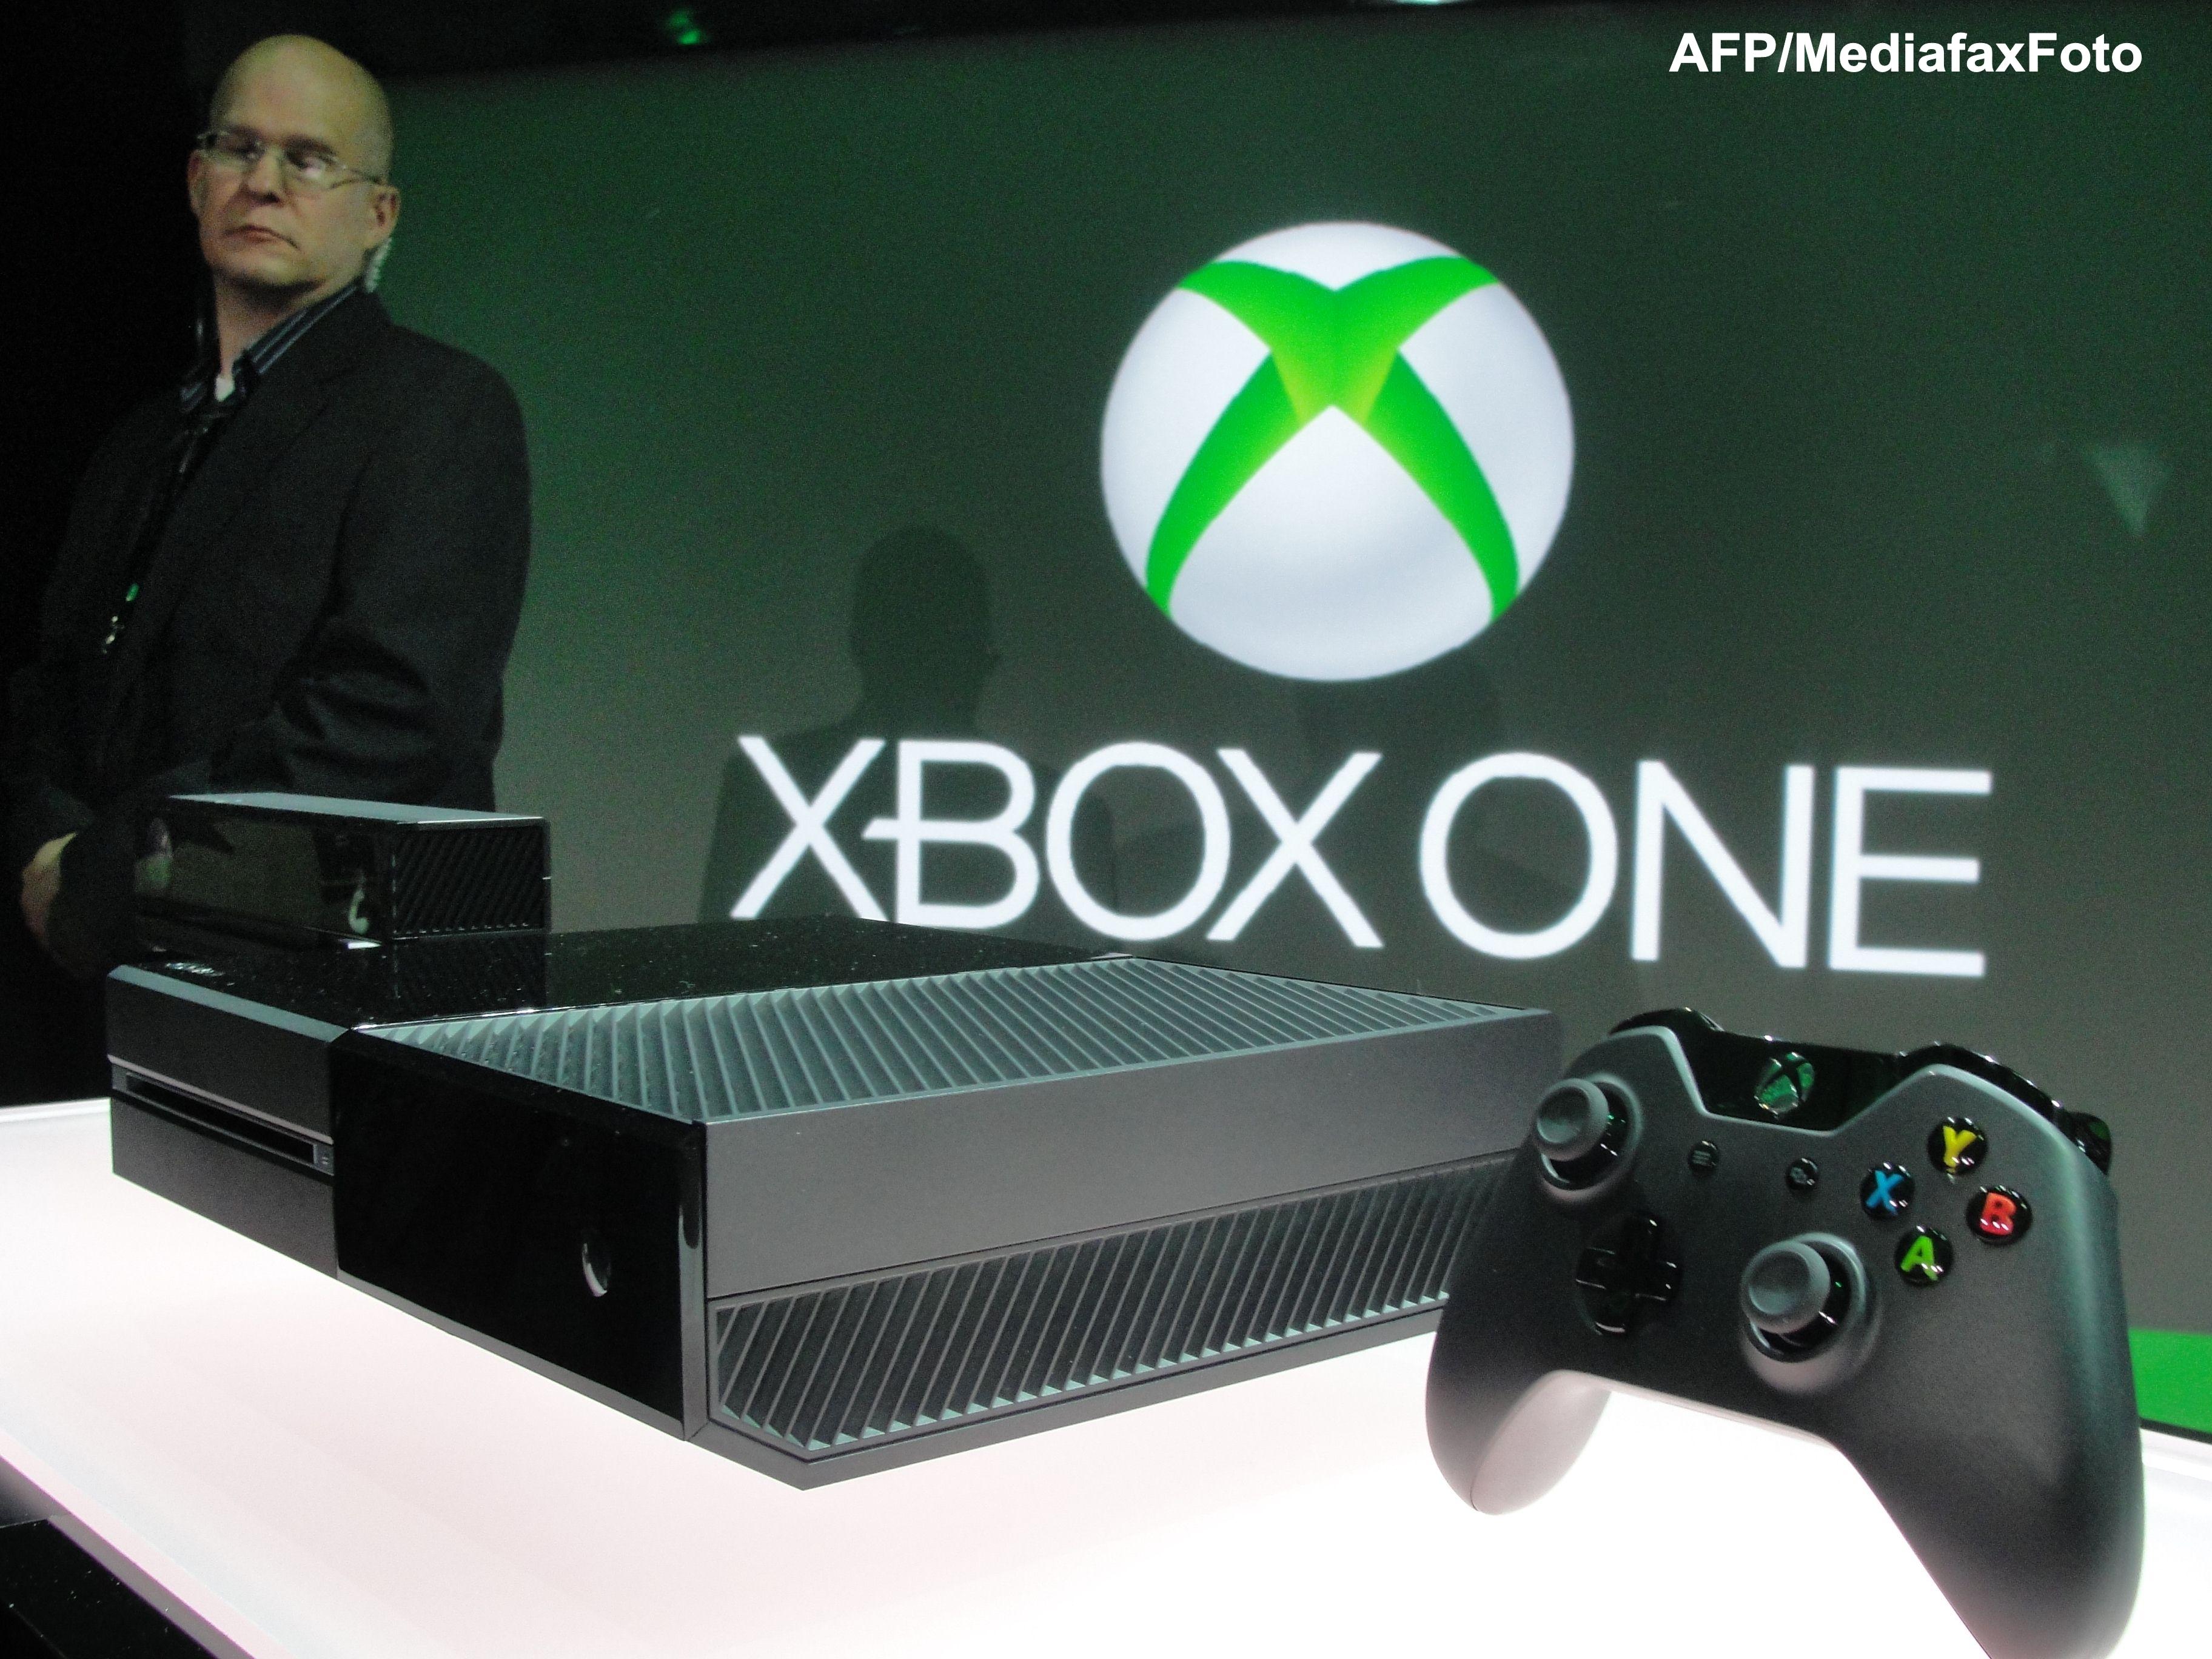 Microsoft a vandut peste 1 milion de console Xbox One in mai putin de o zi de la lansare